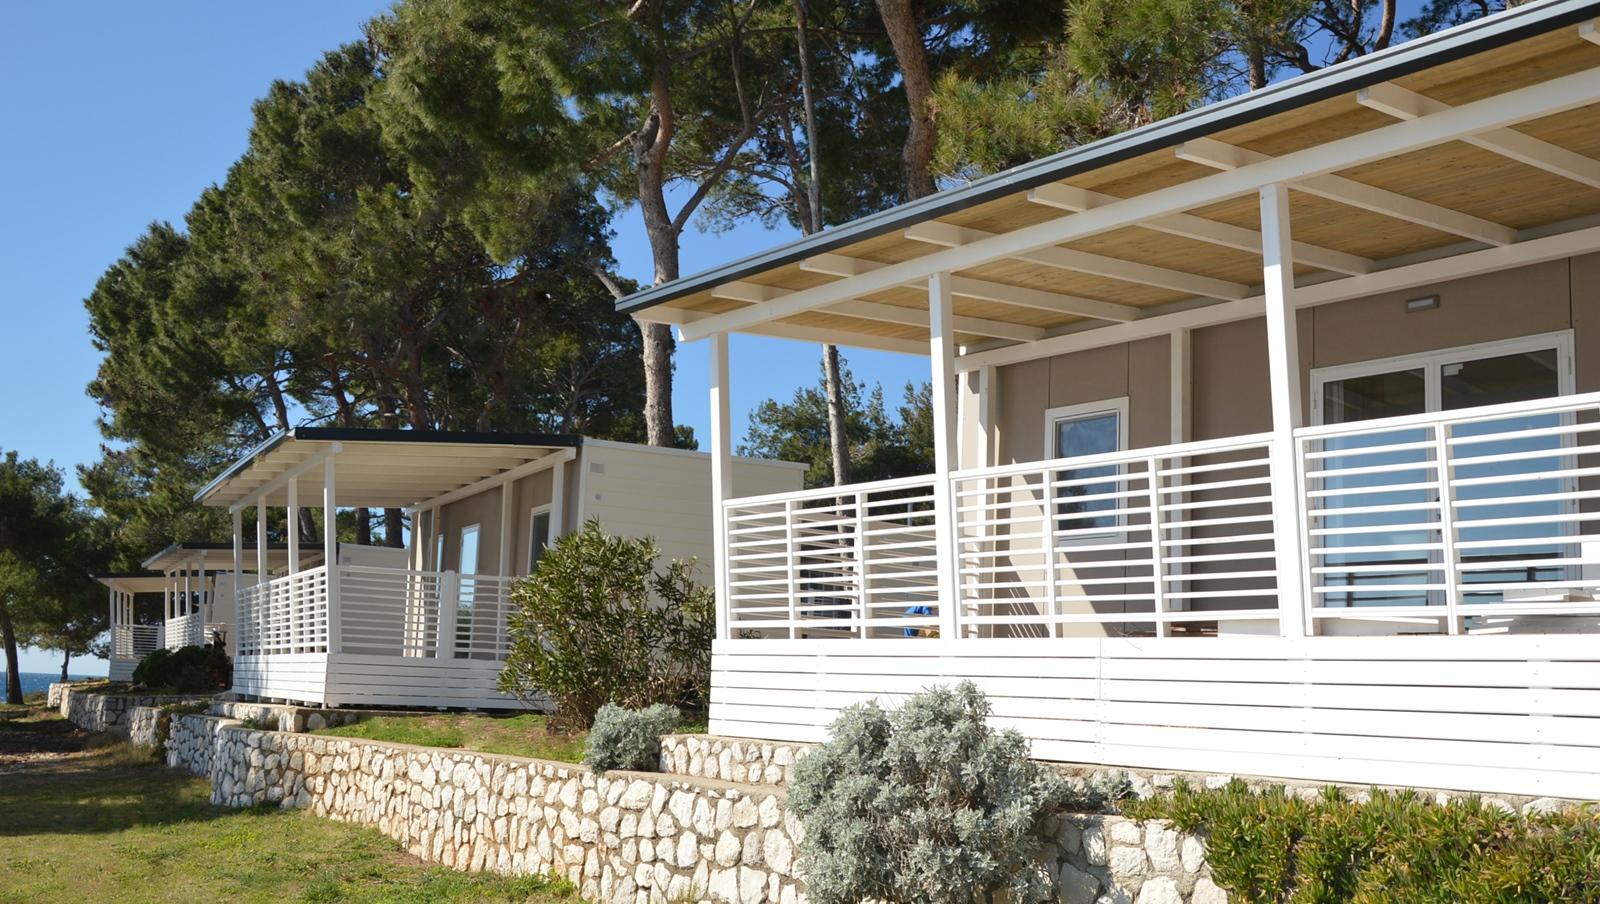 Mobilheime zum Mieten für Campingurlaub auf Lošinj